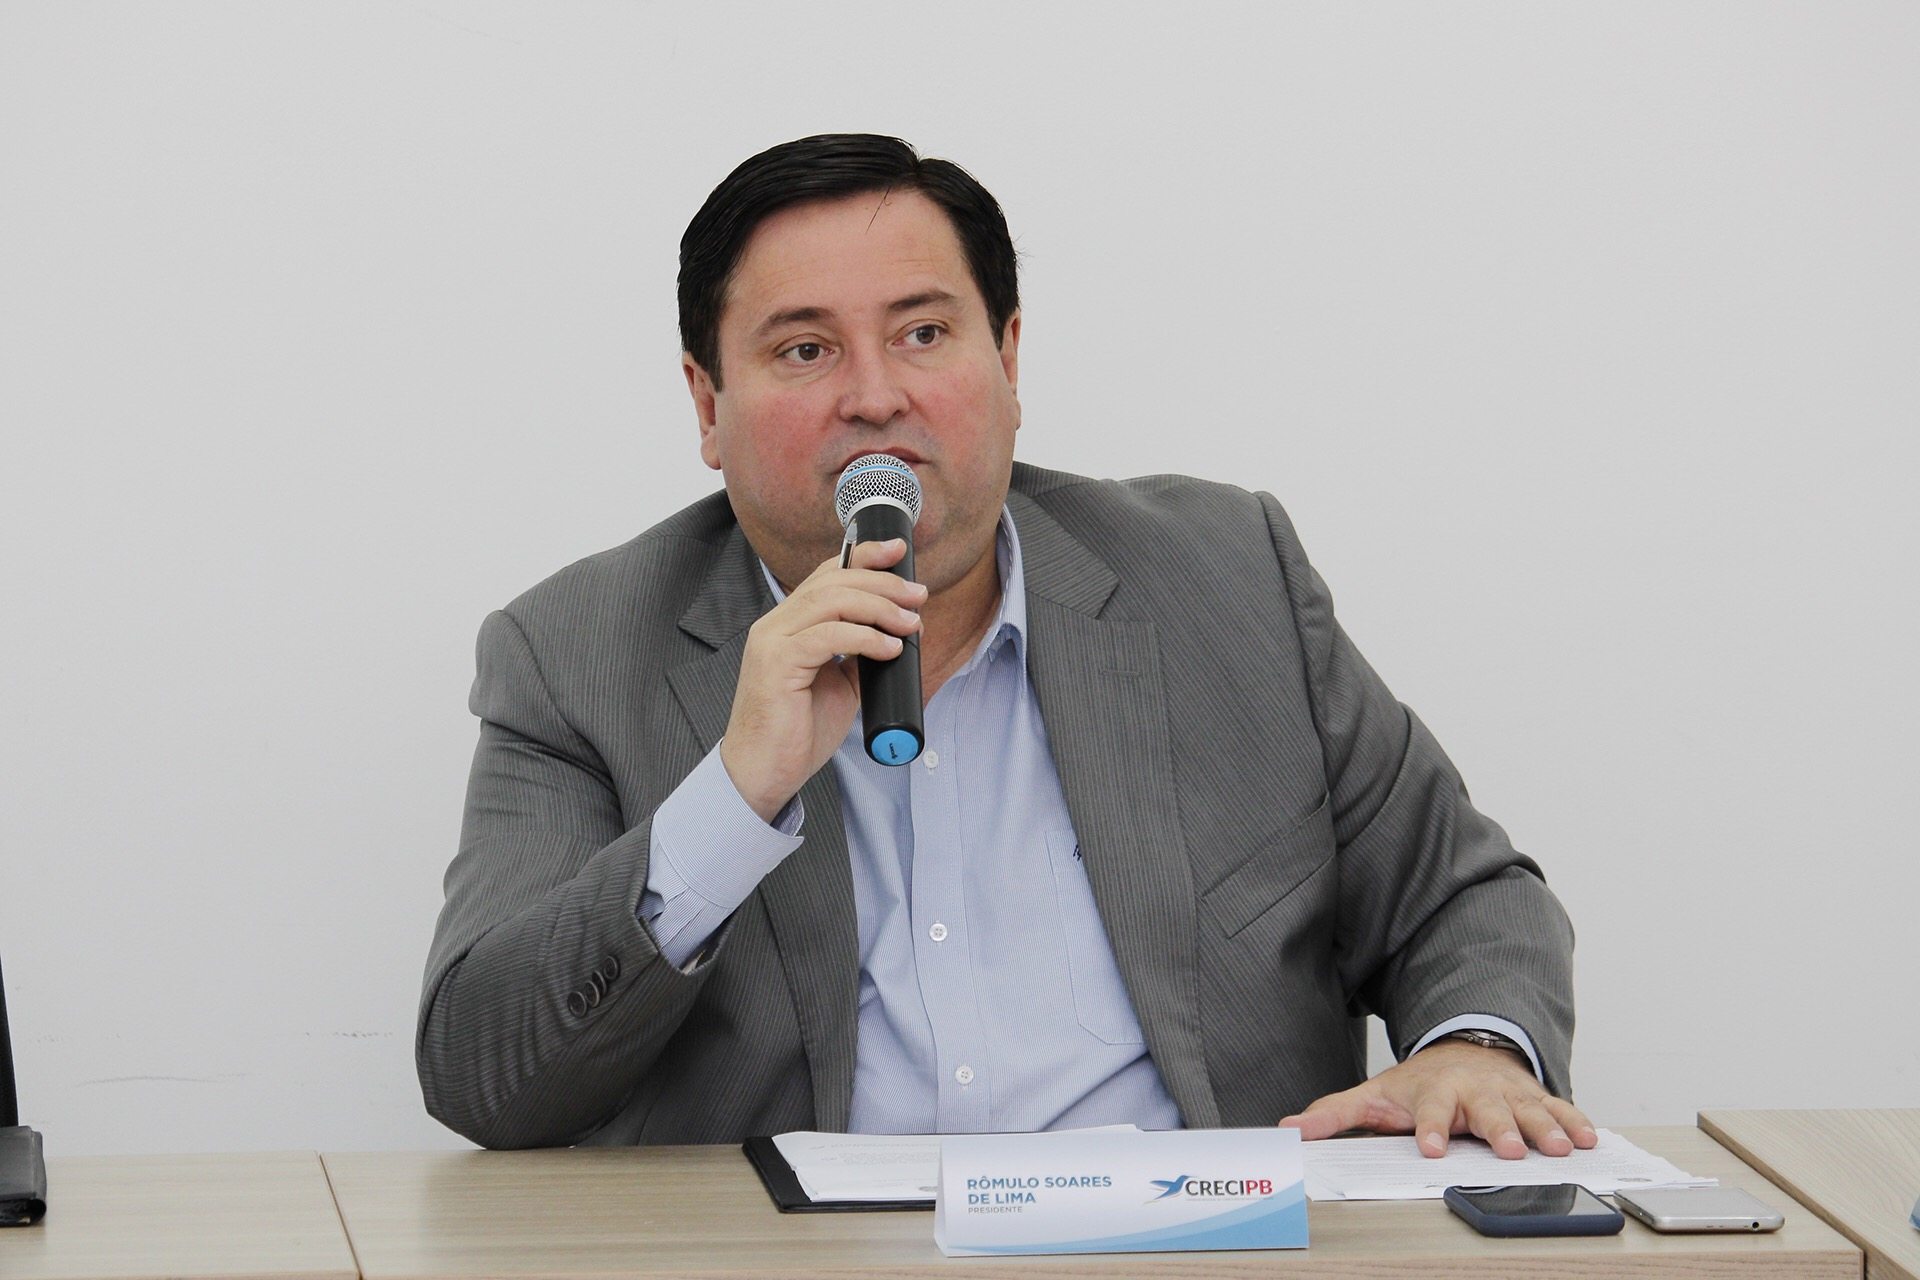 Presidente do CRECI-PB atribui fechamento de lojas à ausência de políticas municipais